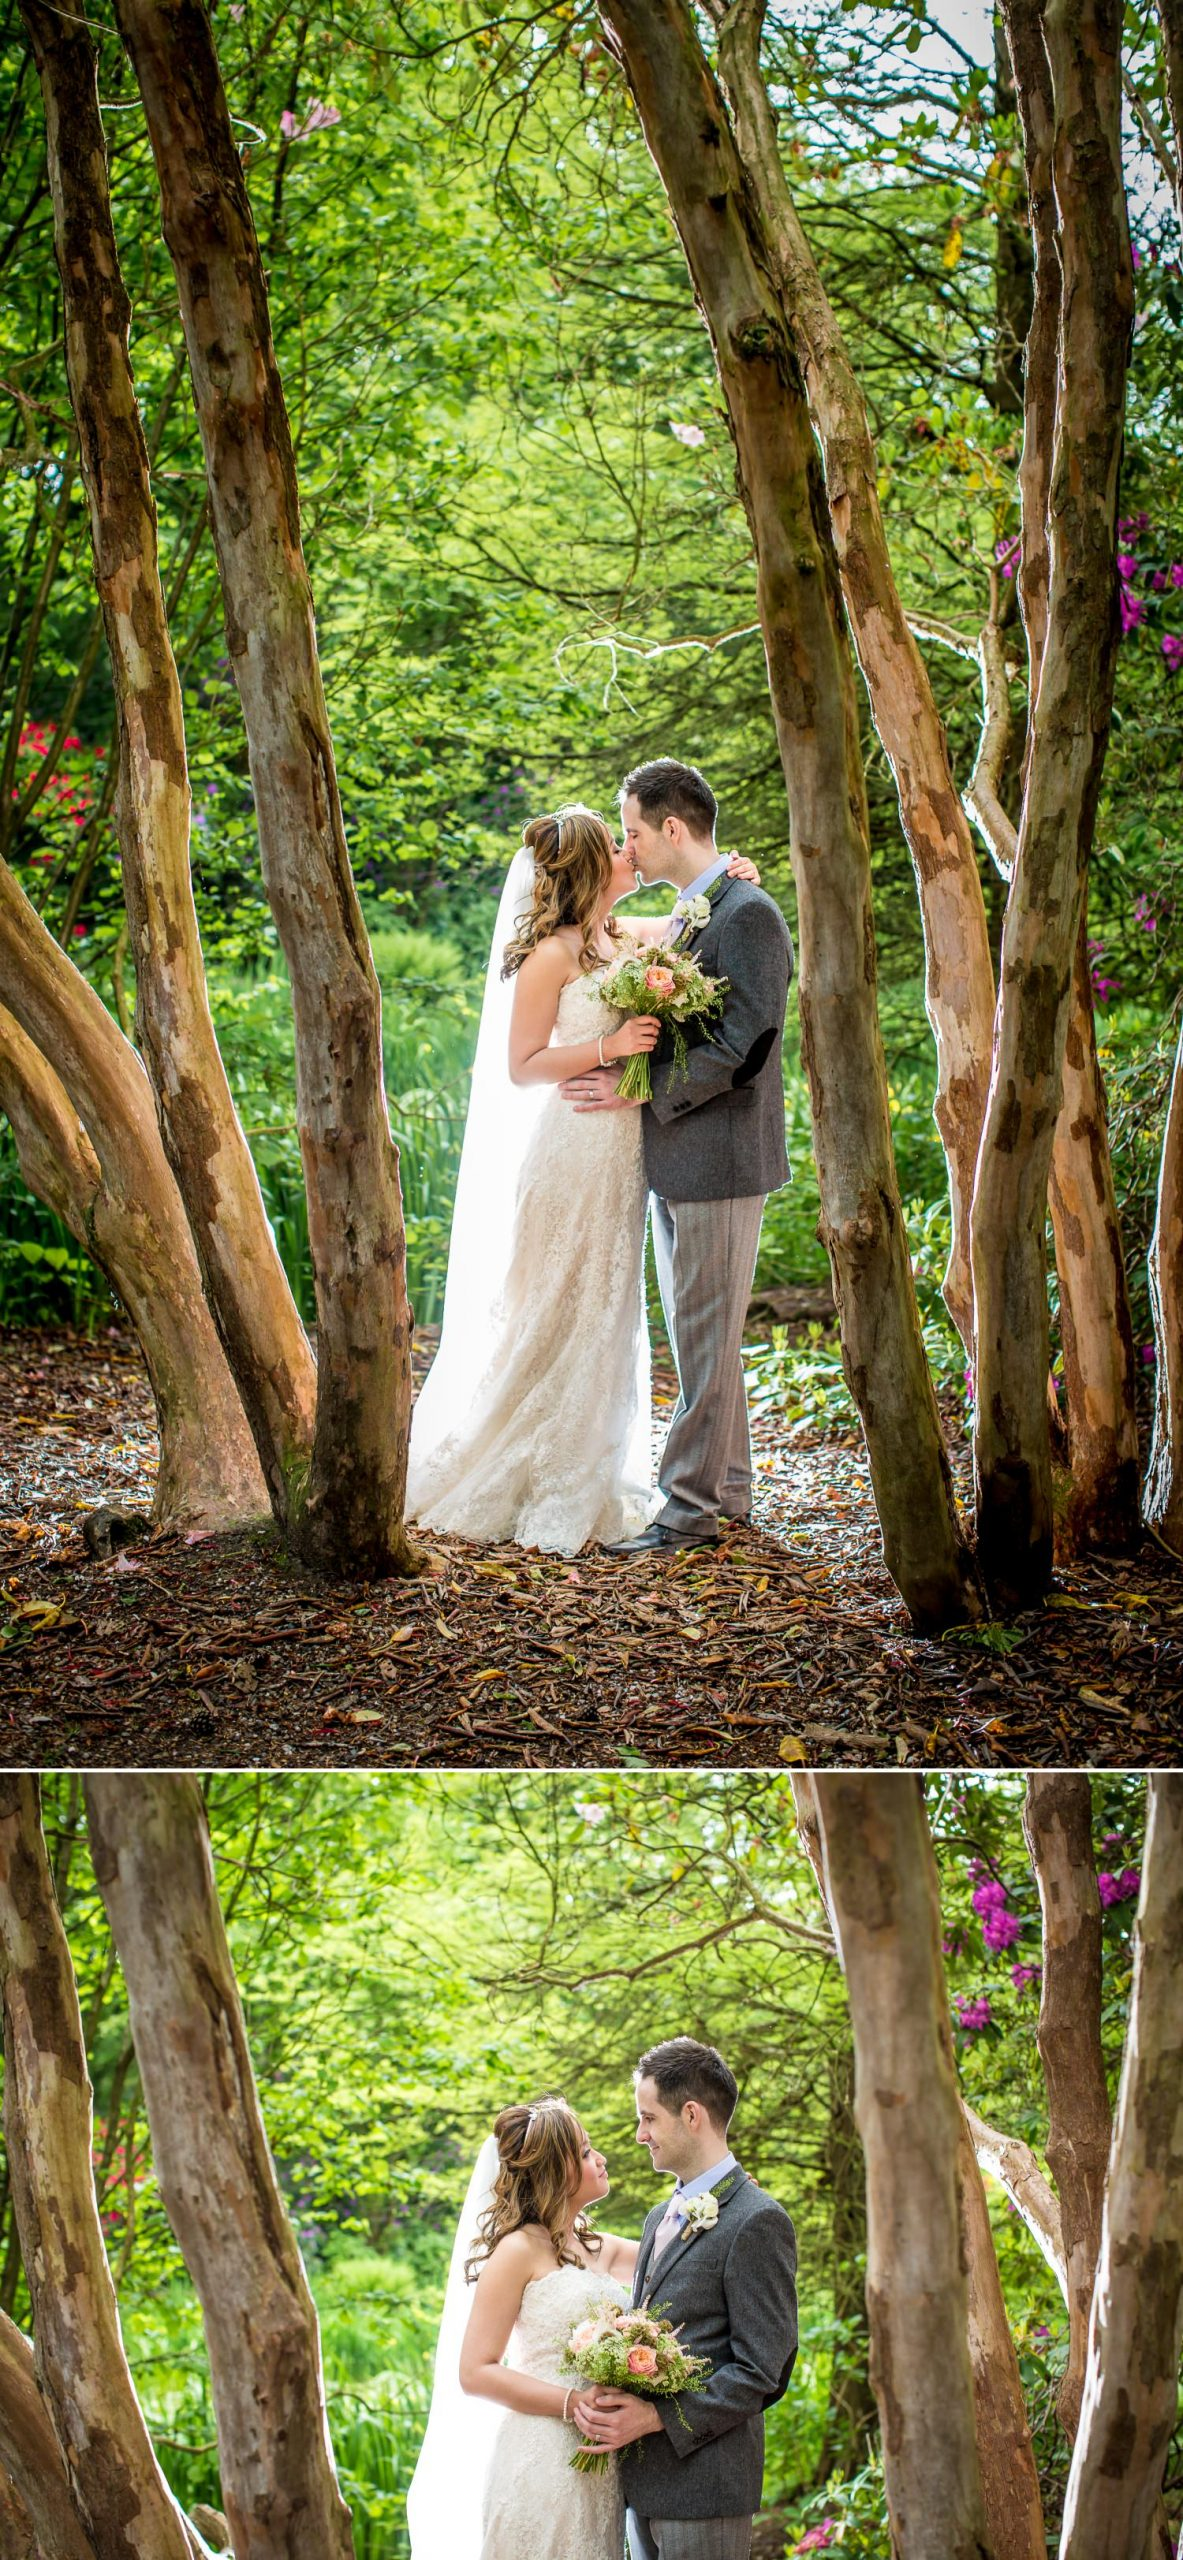 Wedding photograph taken in Japanese gardens in Tatton Park, Cheshire